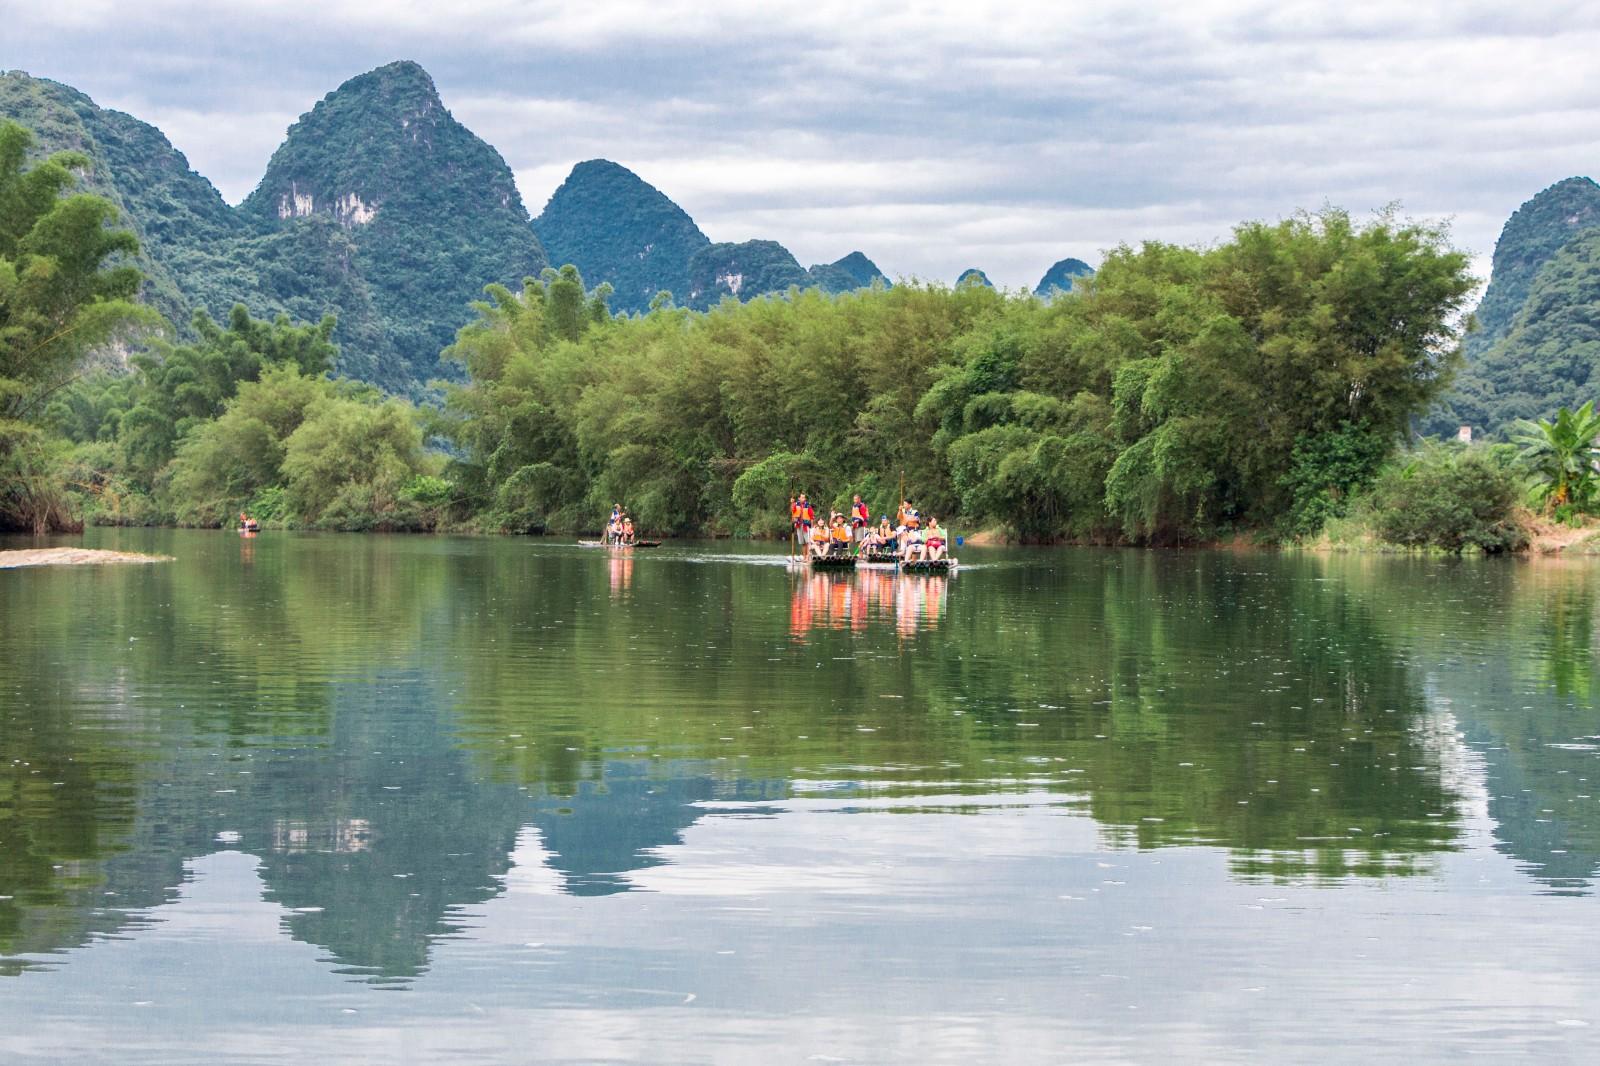 桂林阳朔双城游,享受悠闲的度假之旅